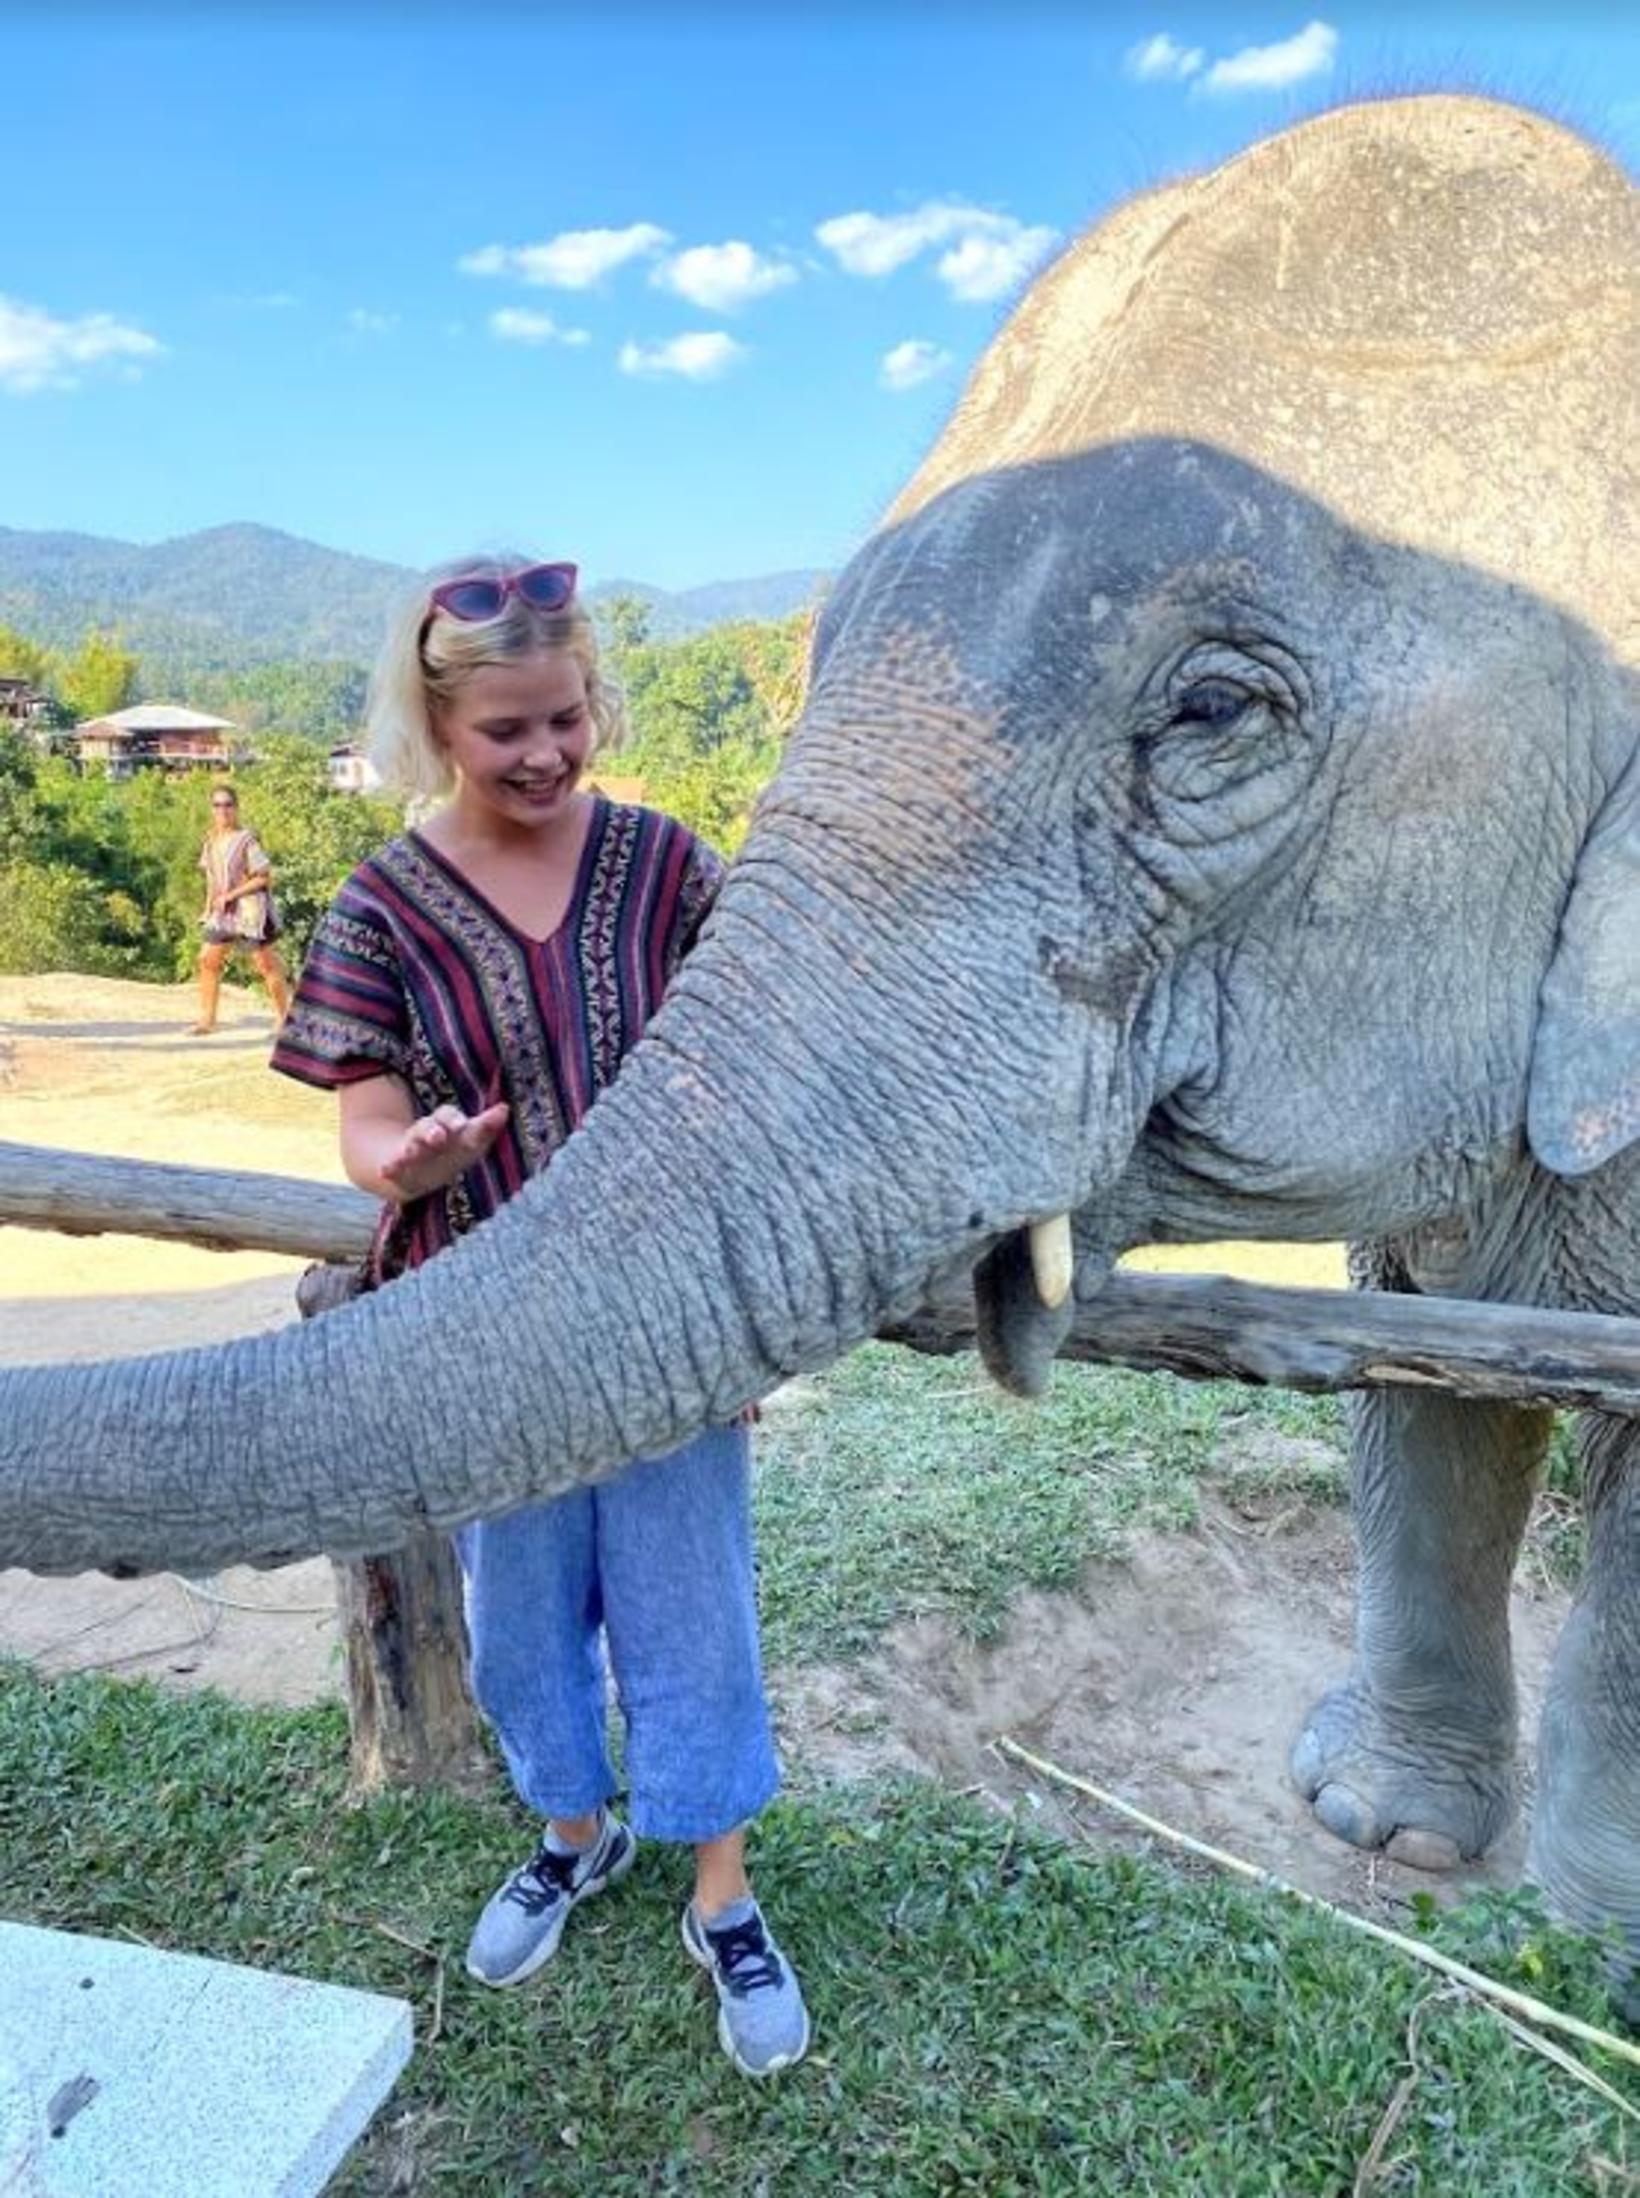 Á fílaverndunarsvæði í Chiang Mai í Taílandi.